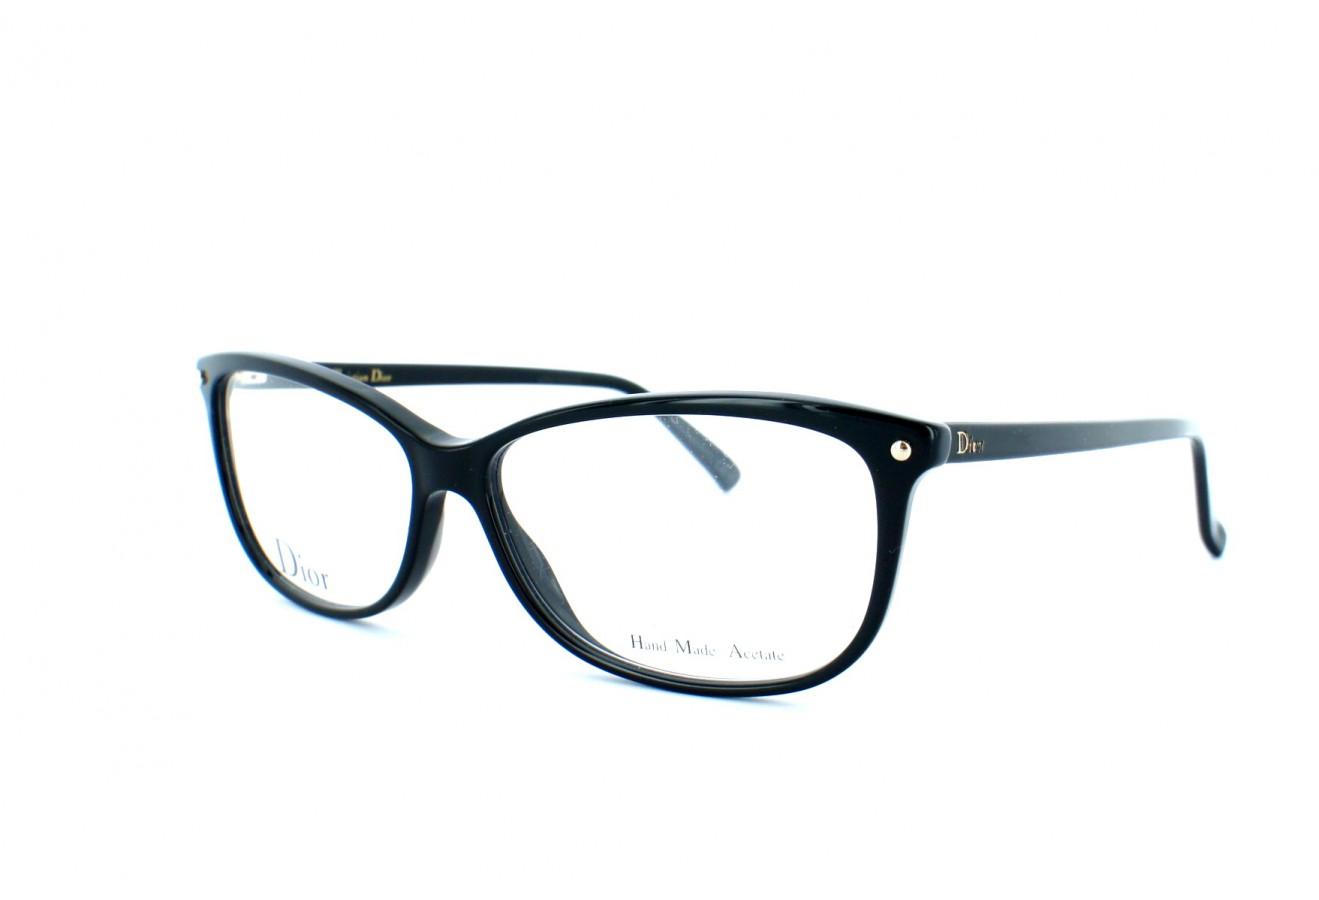 Des lunettes qui me vont parfaitement